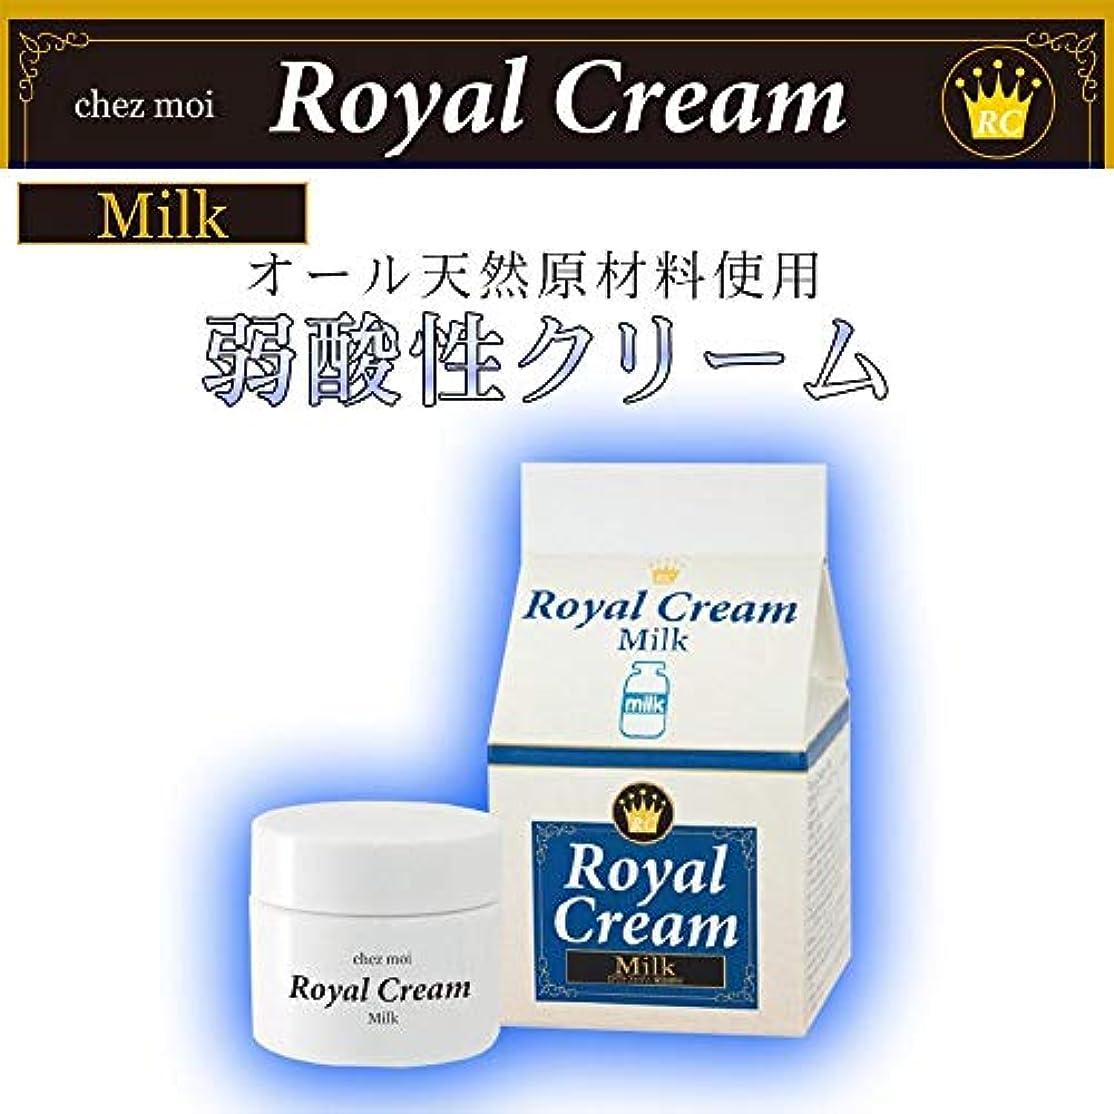 傾向頬骨王女Royal Cream(ロイヤルクリーム) Milk(ミルク) 30g